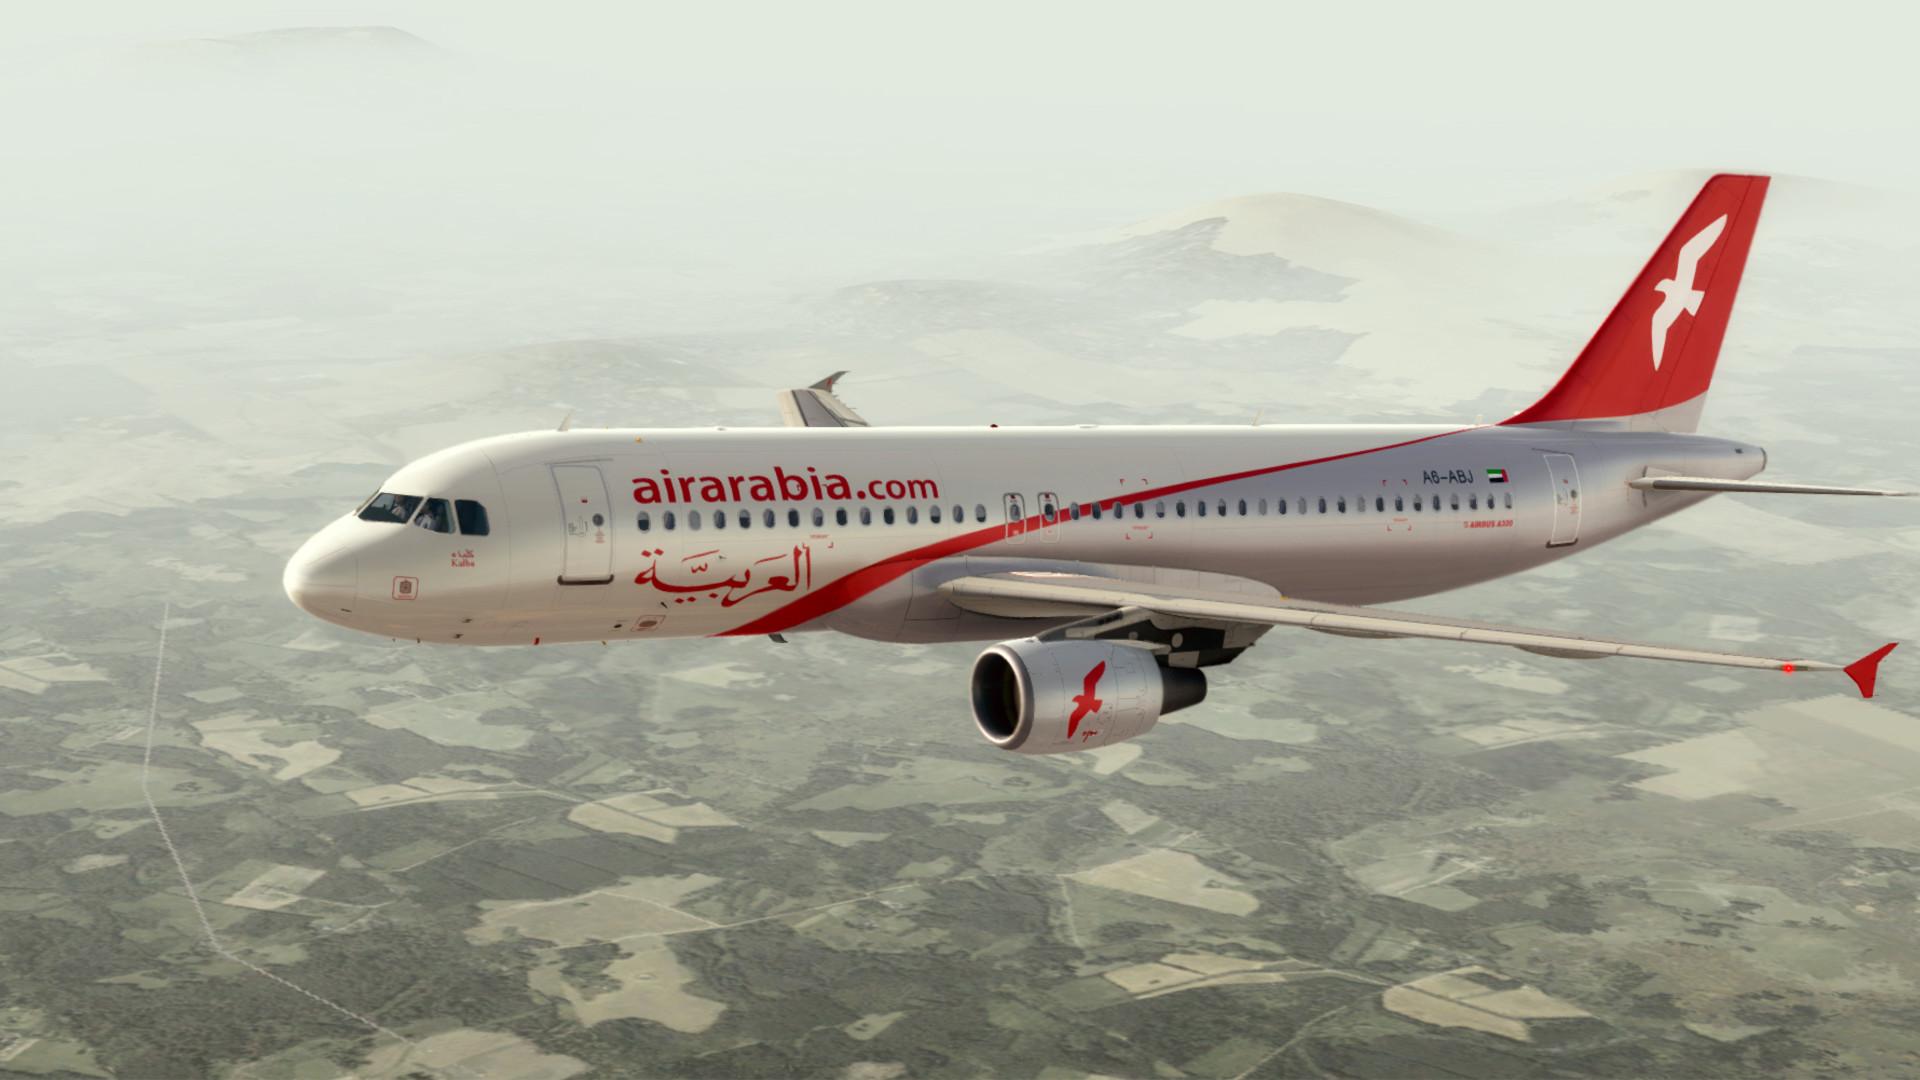 Купить билет на самолет аир арабия билеты на самолет дешево москва сургут